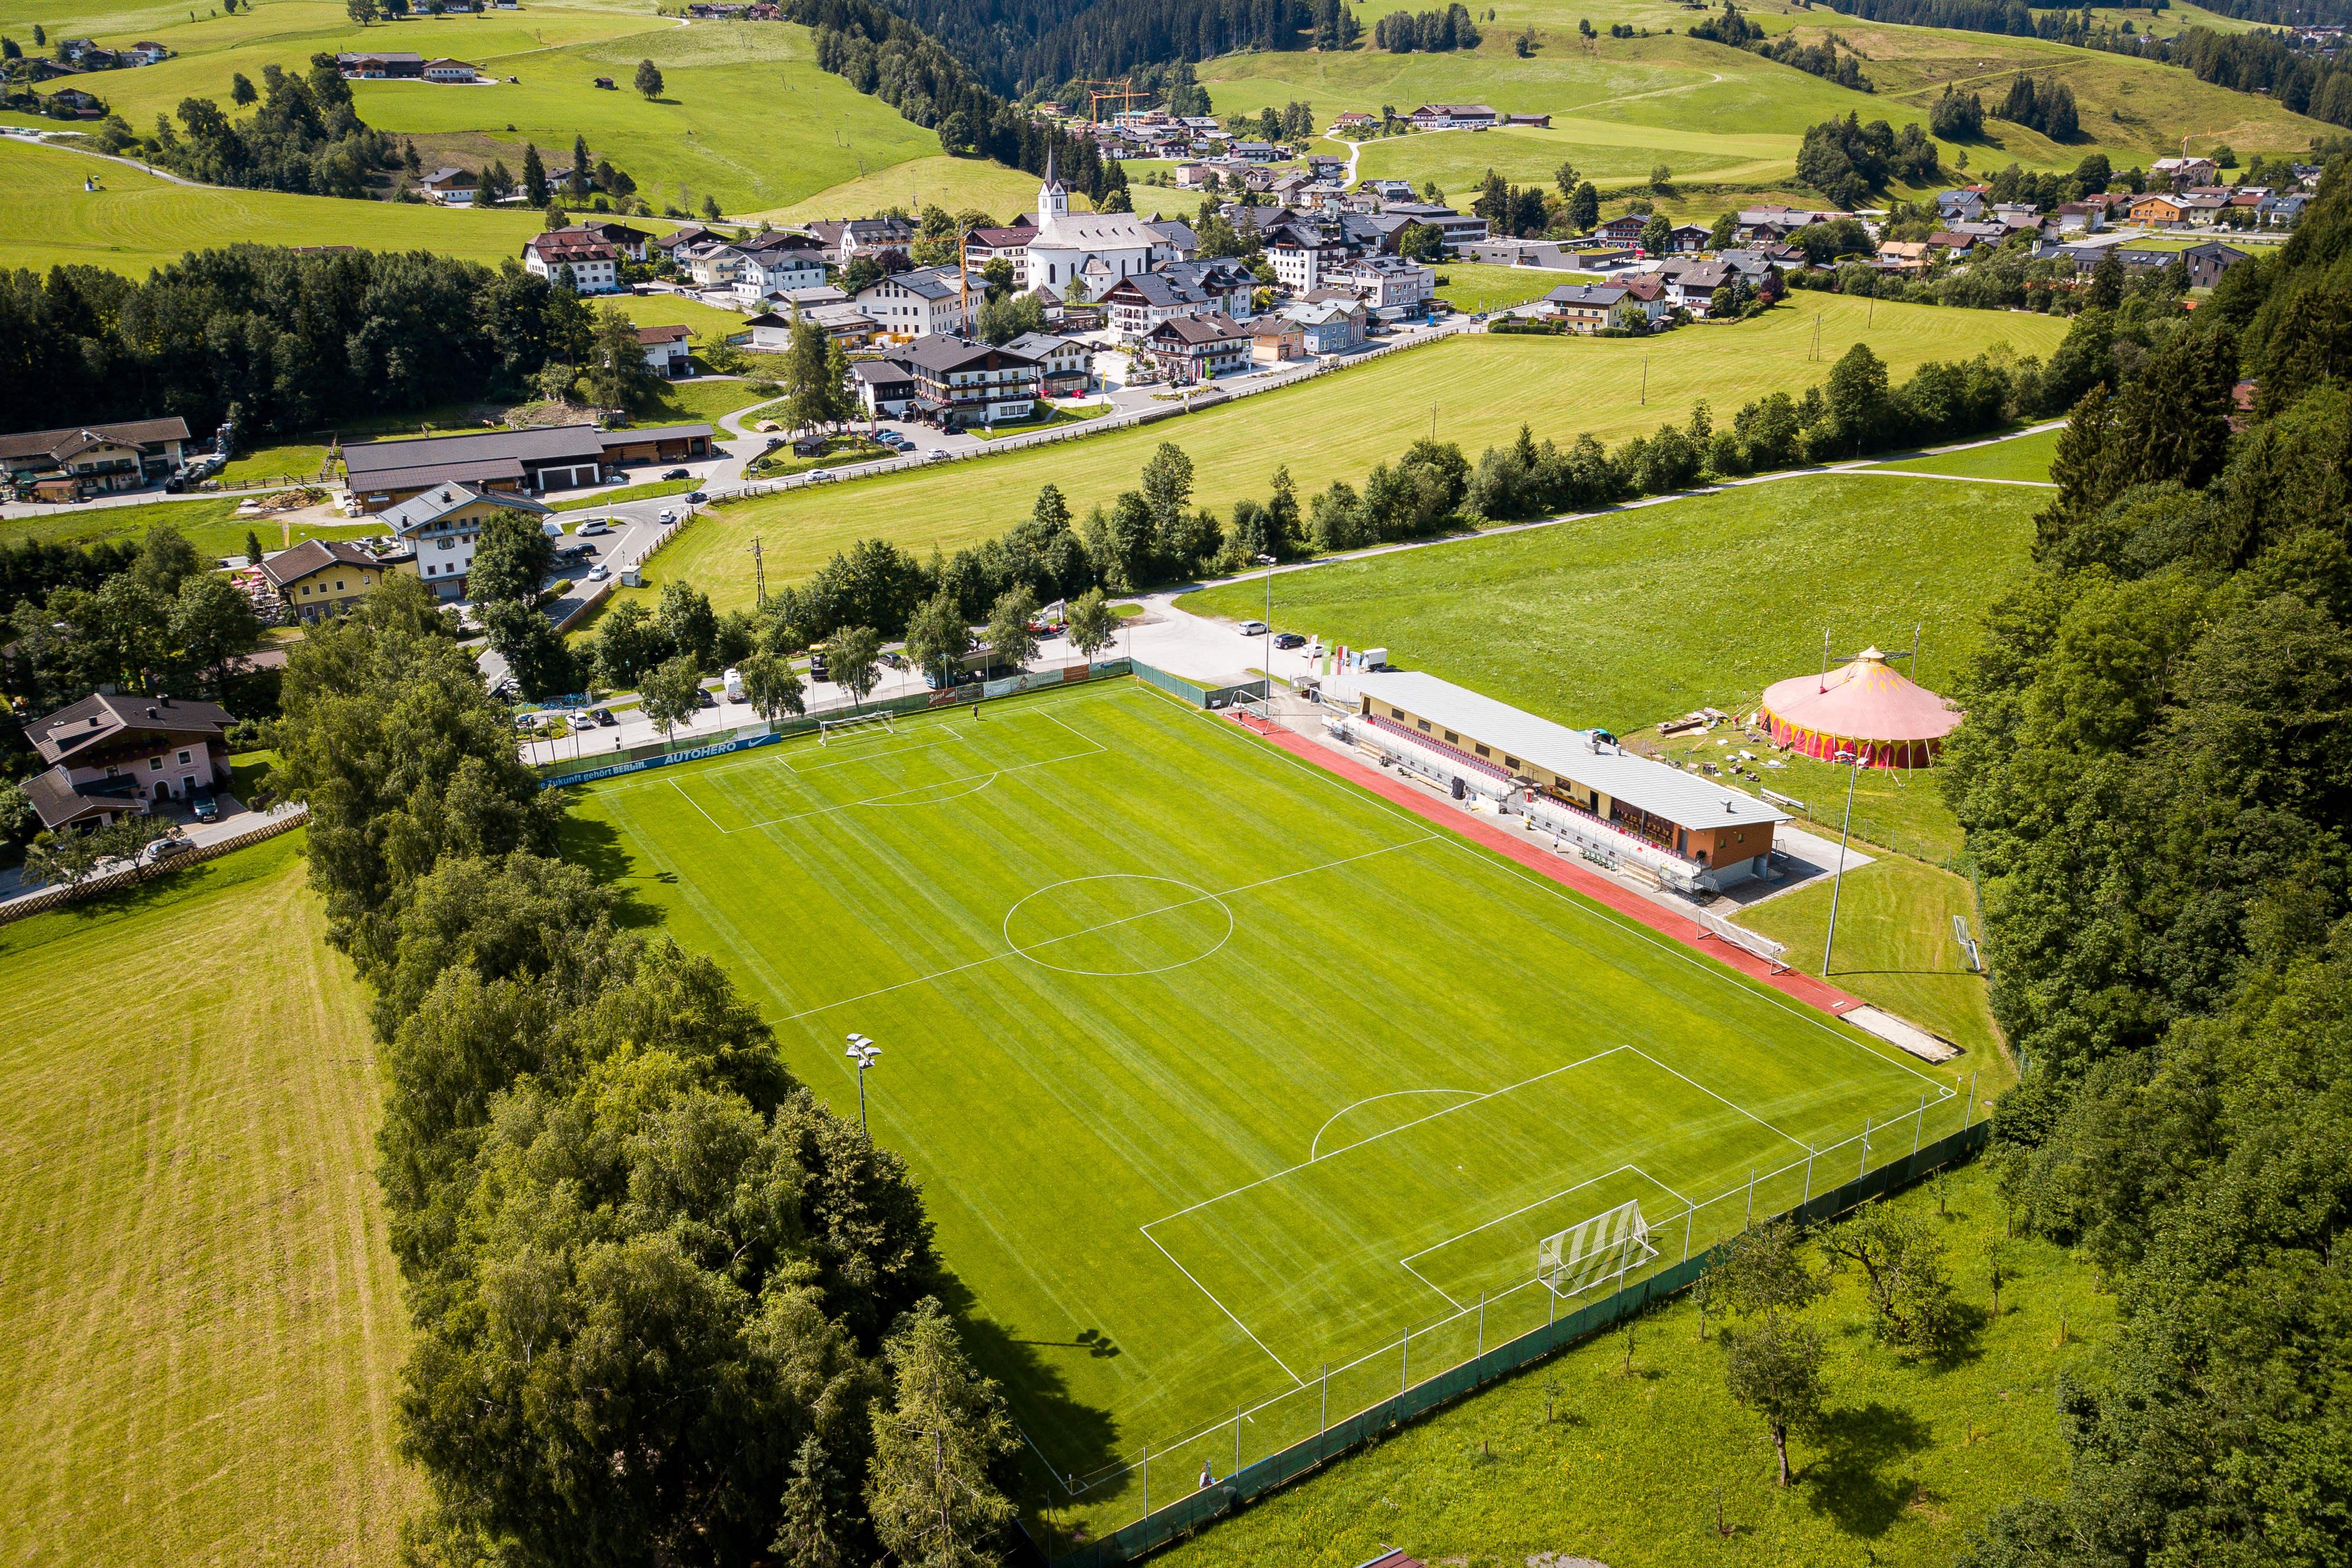 El campo de entrenamiento desde el aire